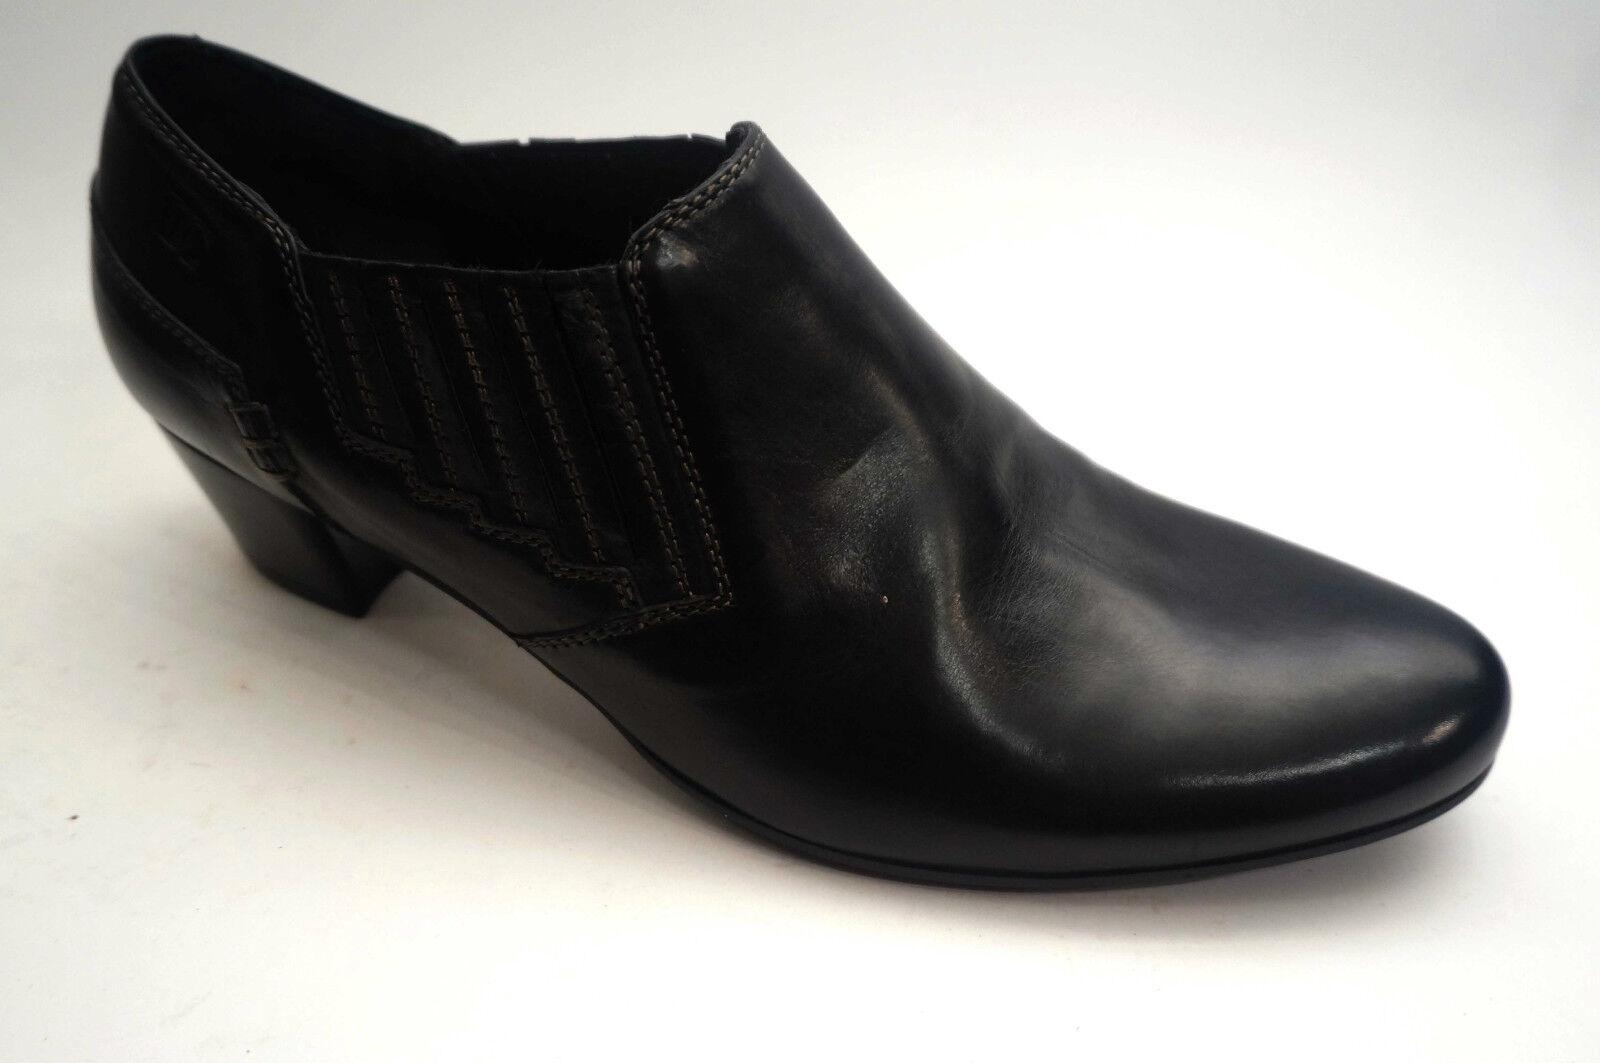 Sconto del 70% a buon mercato Donna Carolina scarpe scarpe scarpe alta front Pelle Slipper Dimensione 36,5 () Nero  edizione limitata